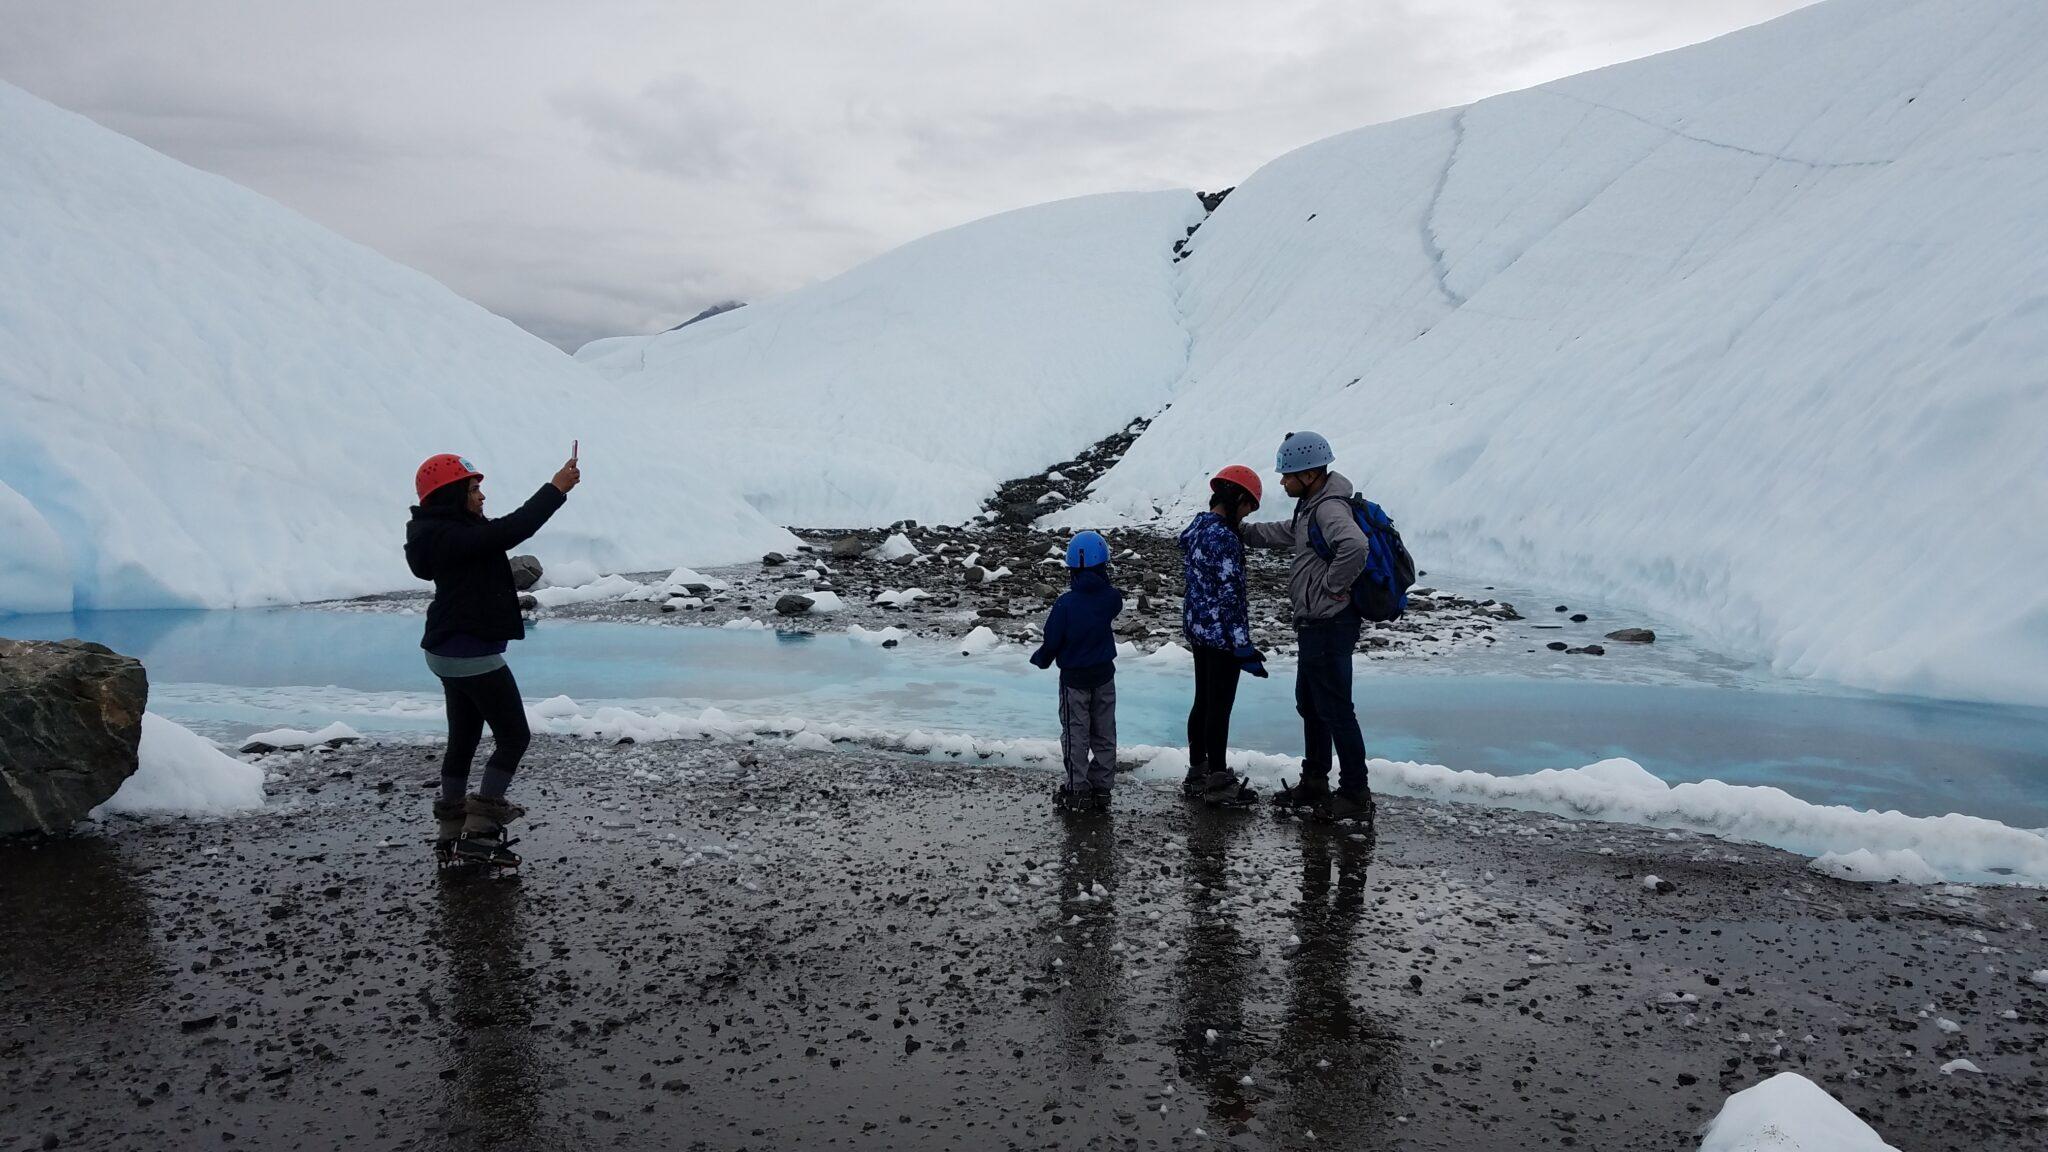 Matanuska Glacier Guides